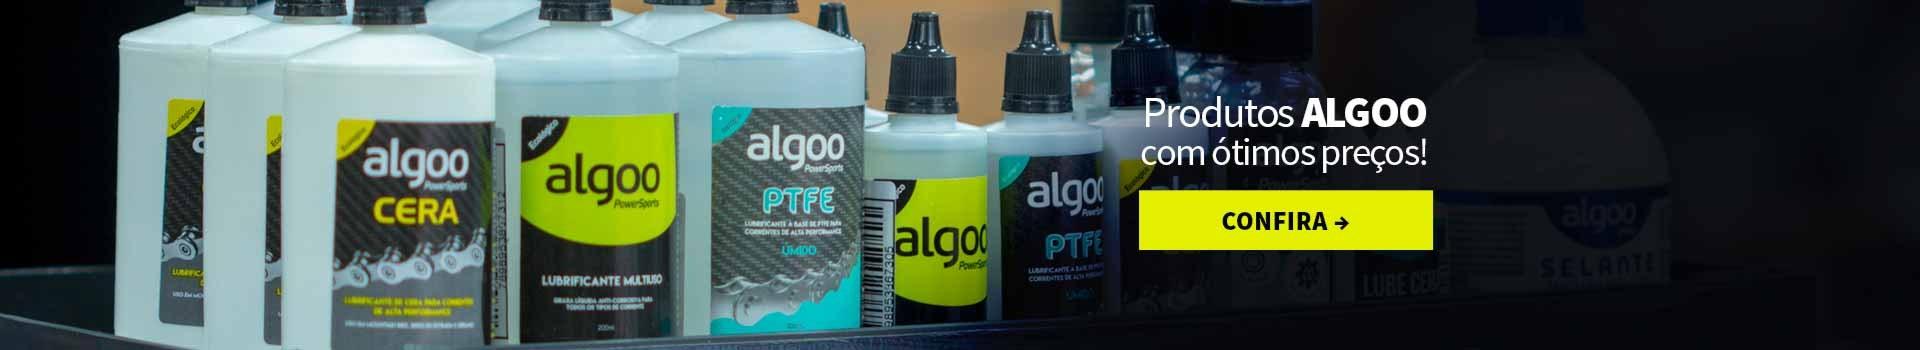 Produtos Algoo